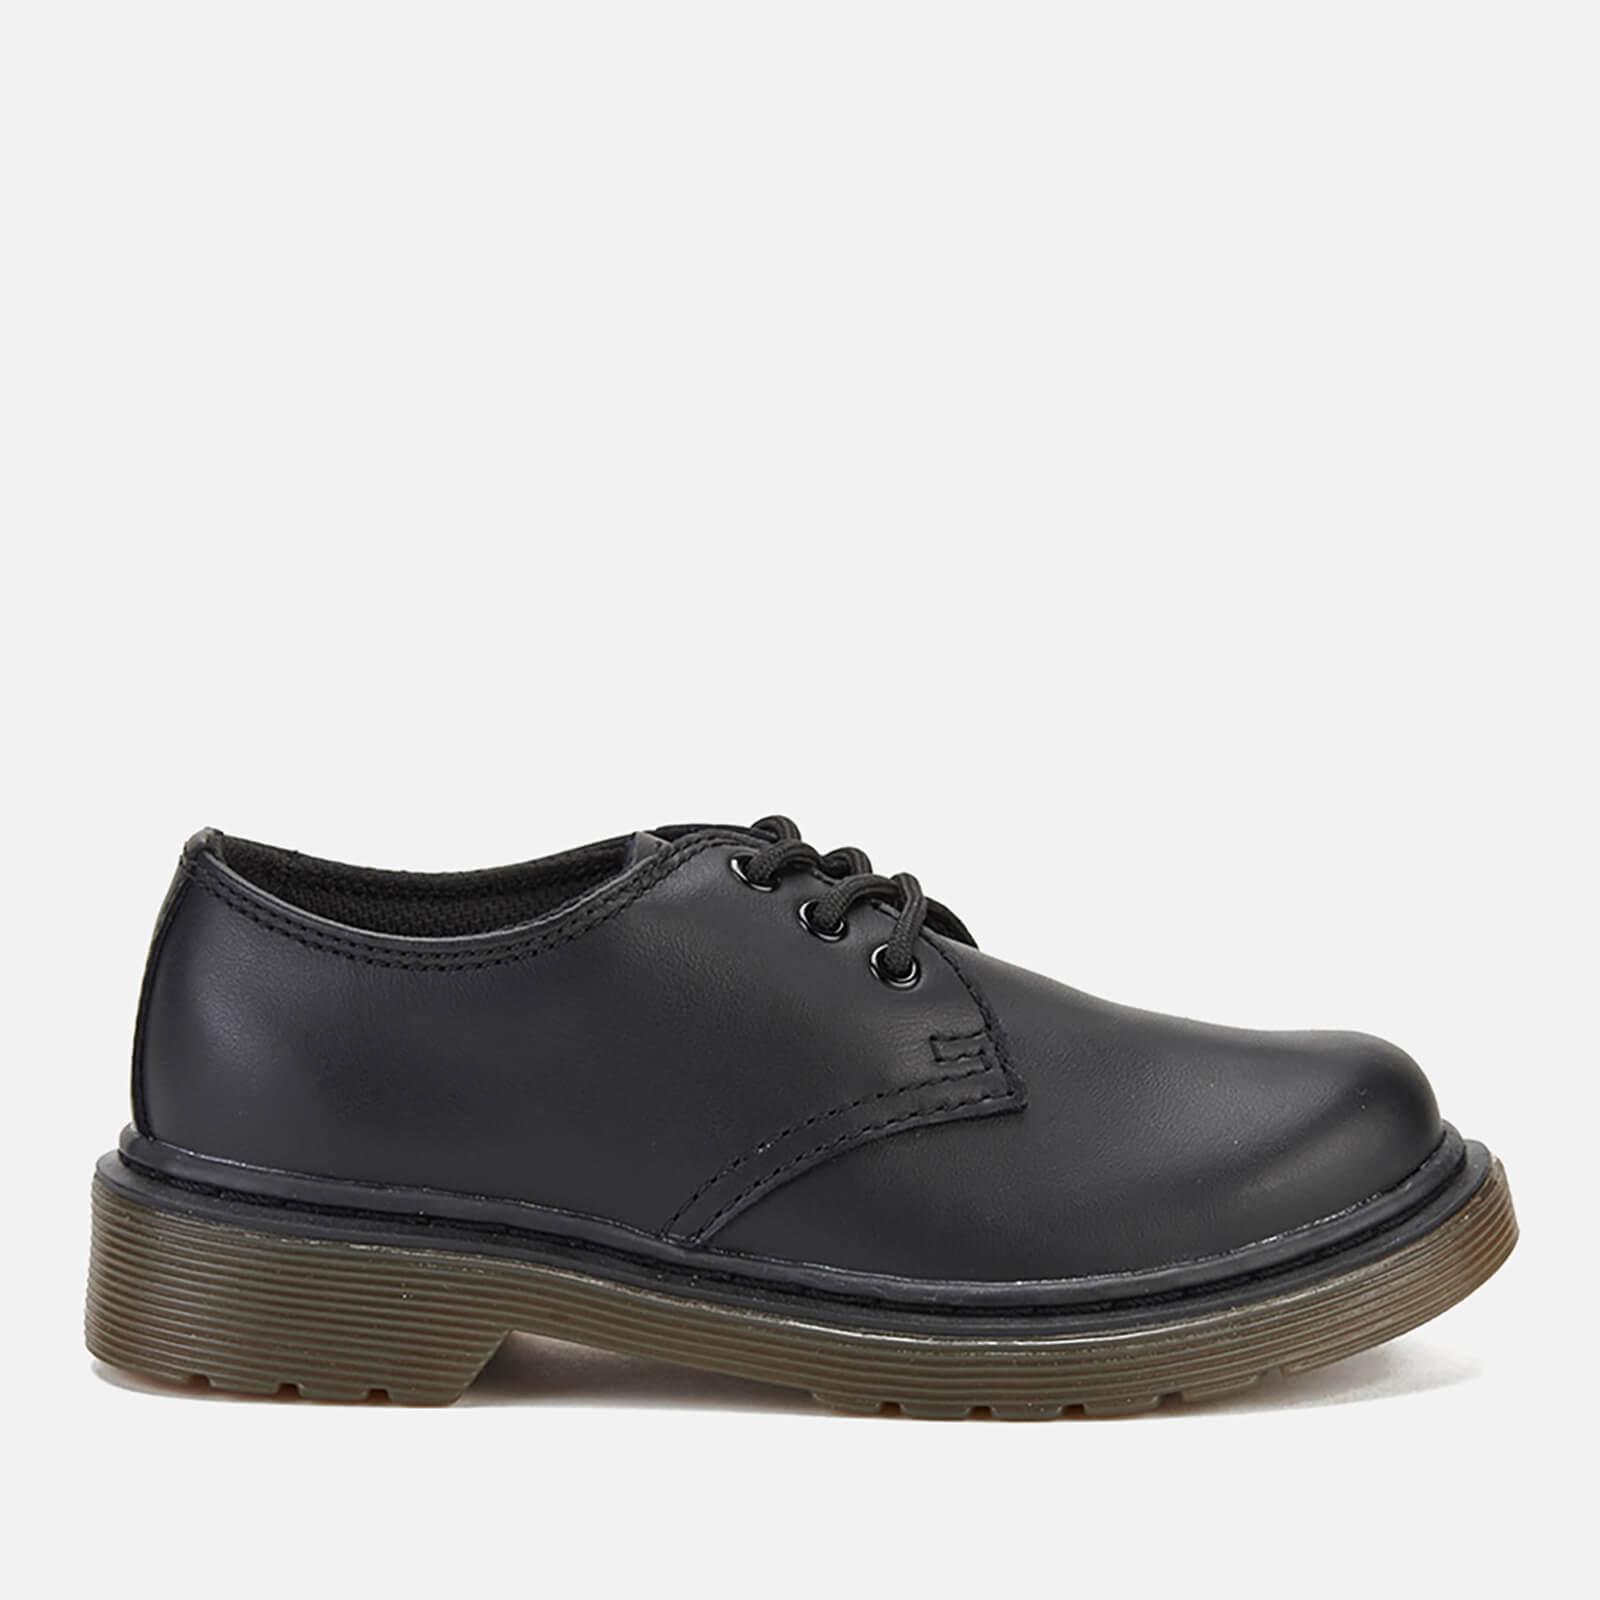 Dr. Martens Kids' Everley Leather 3-Eye Shoes - Black - UK 10 Kids - Black